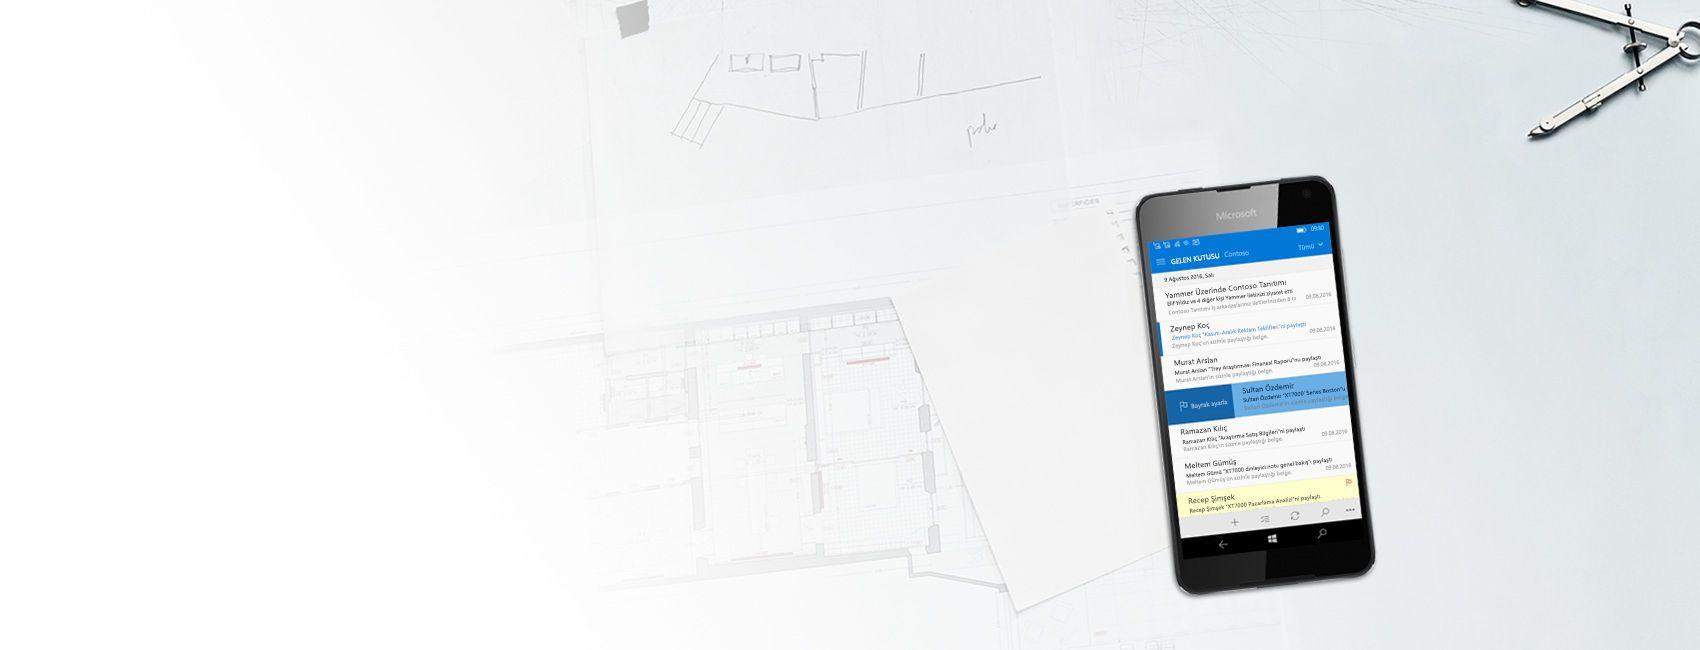 Windows 10 Mobile için Outlook'ta bir e-posta gelen kutusu görüntülenen Windows telefon